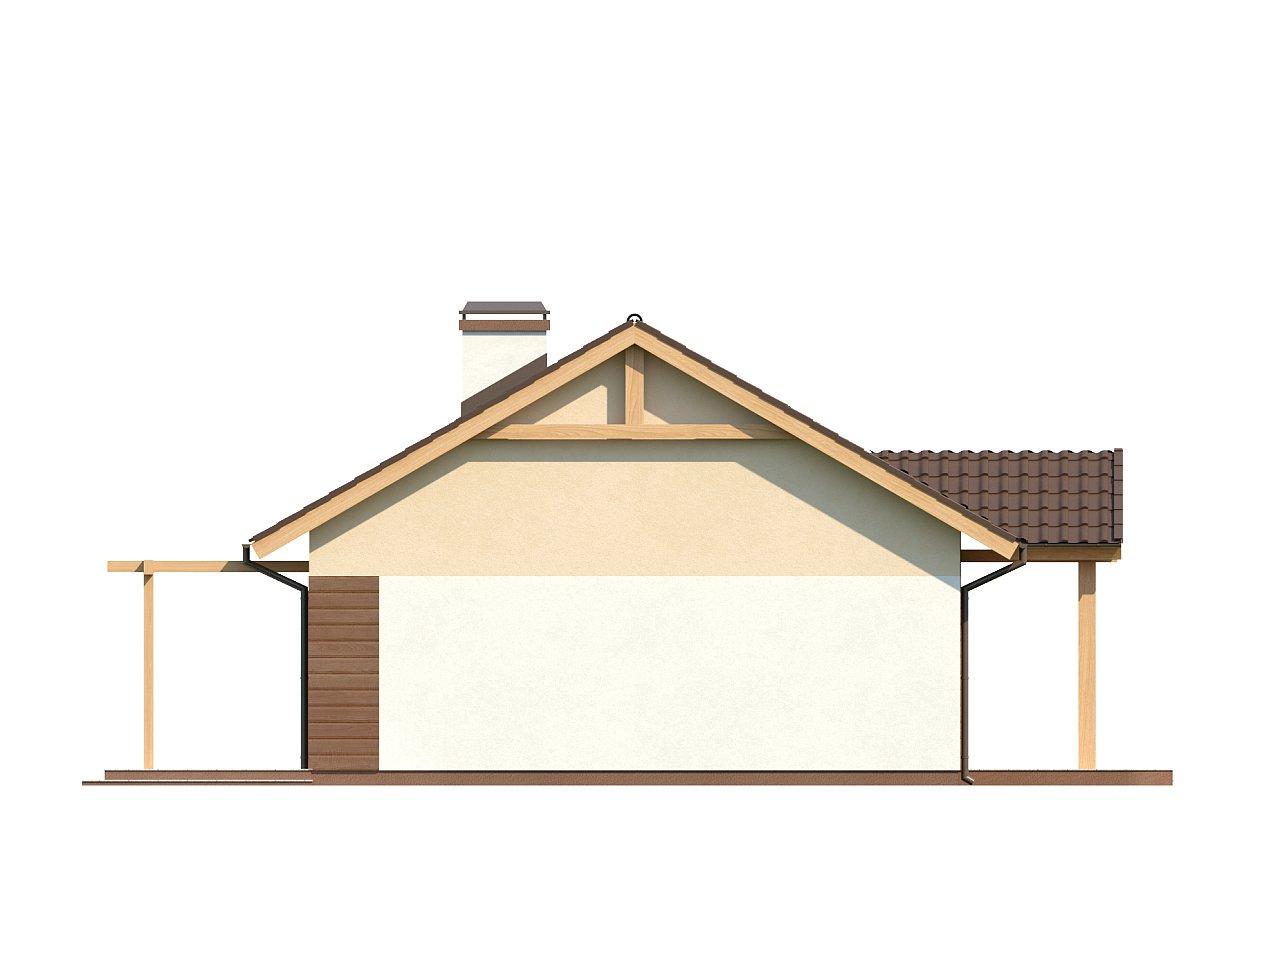 Аккуратный одноэтажный дом простой формы с двускатной крышей. 6